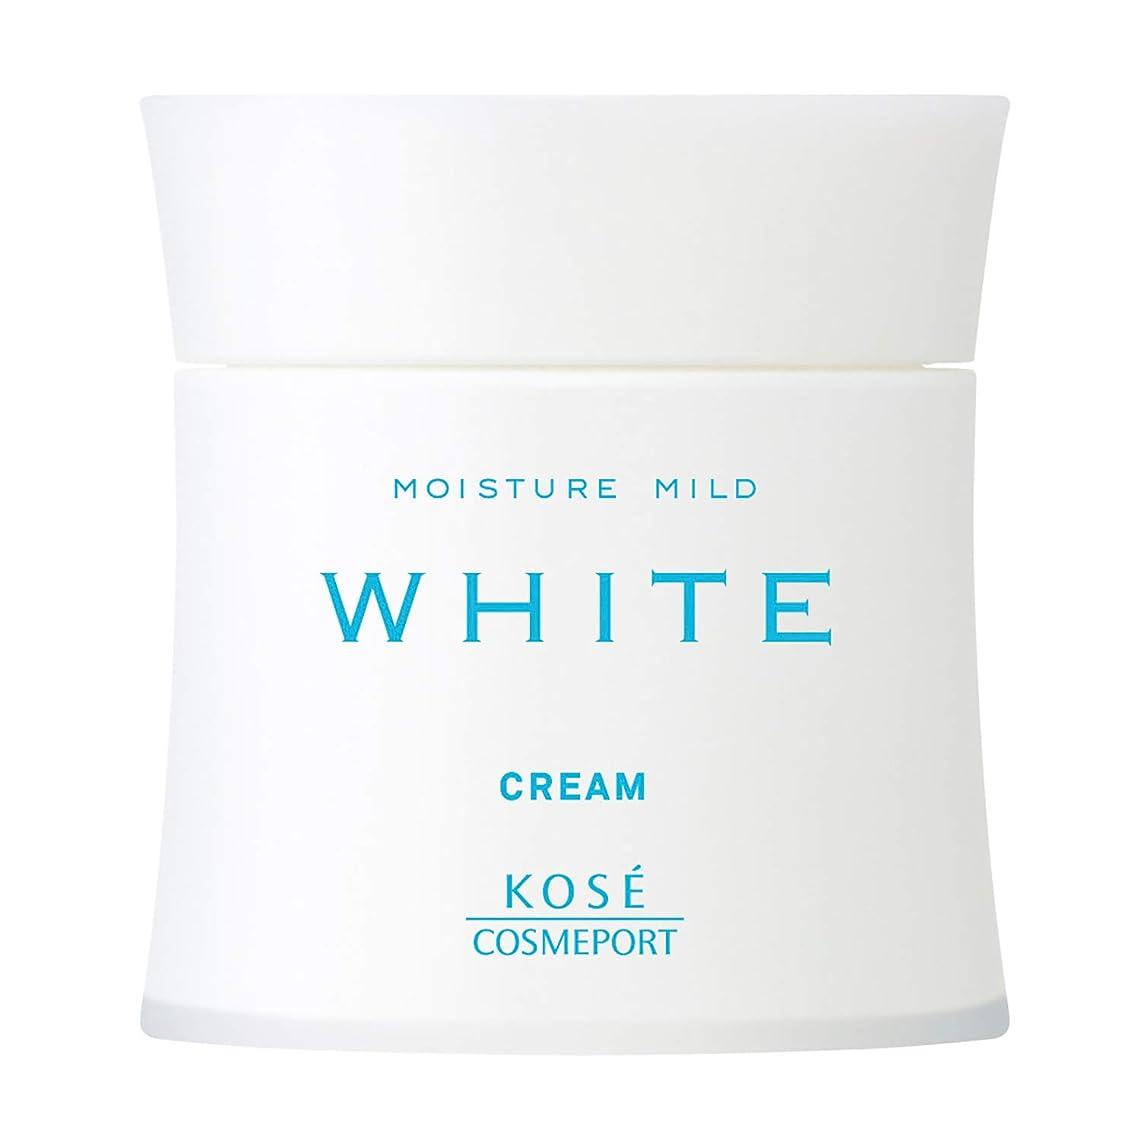 びっくりする嫉妬ショッピングセンターKOSE コーセー モイスチュアマイルド ホワイト クリーム 55g